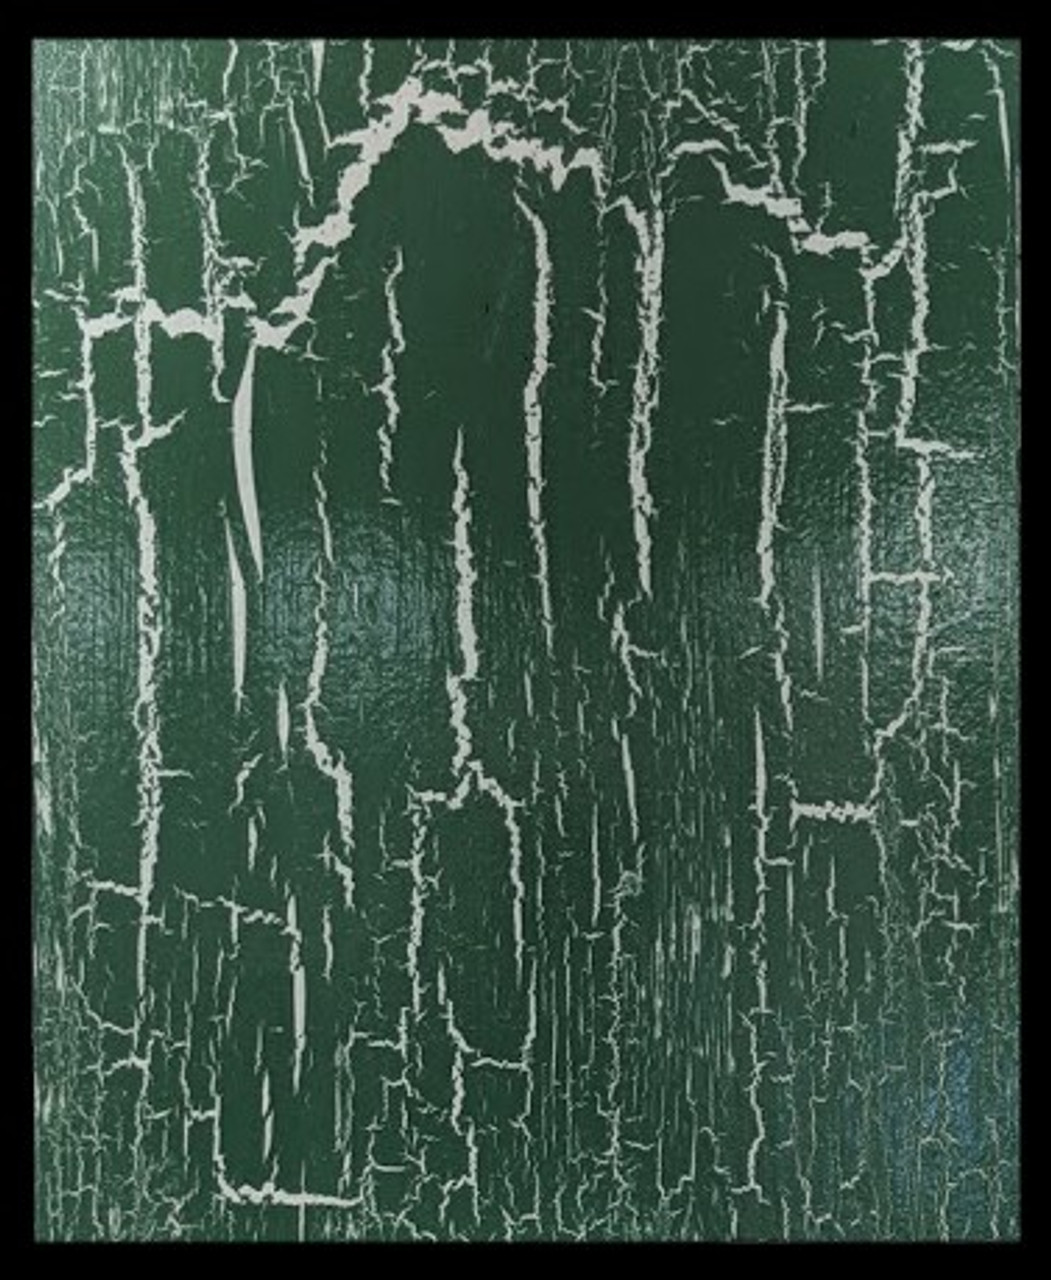 2 coats Cream Base Paint,  1 Isolation coat ( PV Decorators Varnish Satin) 1 coat Polyvine Crackle Glaze 1 coat Green Topcoat Protective Coat (PV Decorators Varnish Satin)